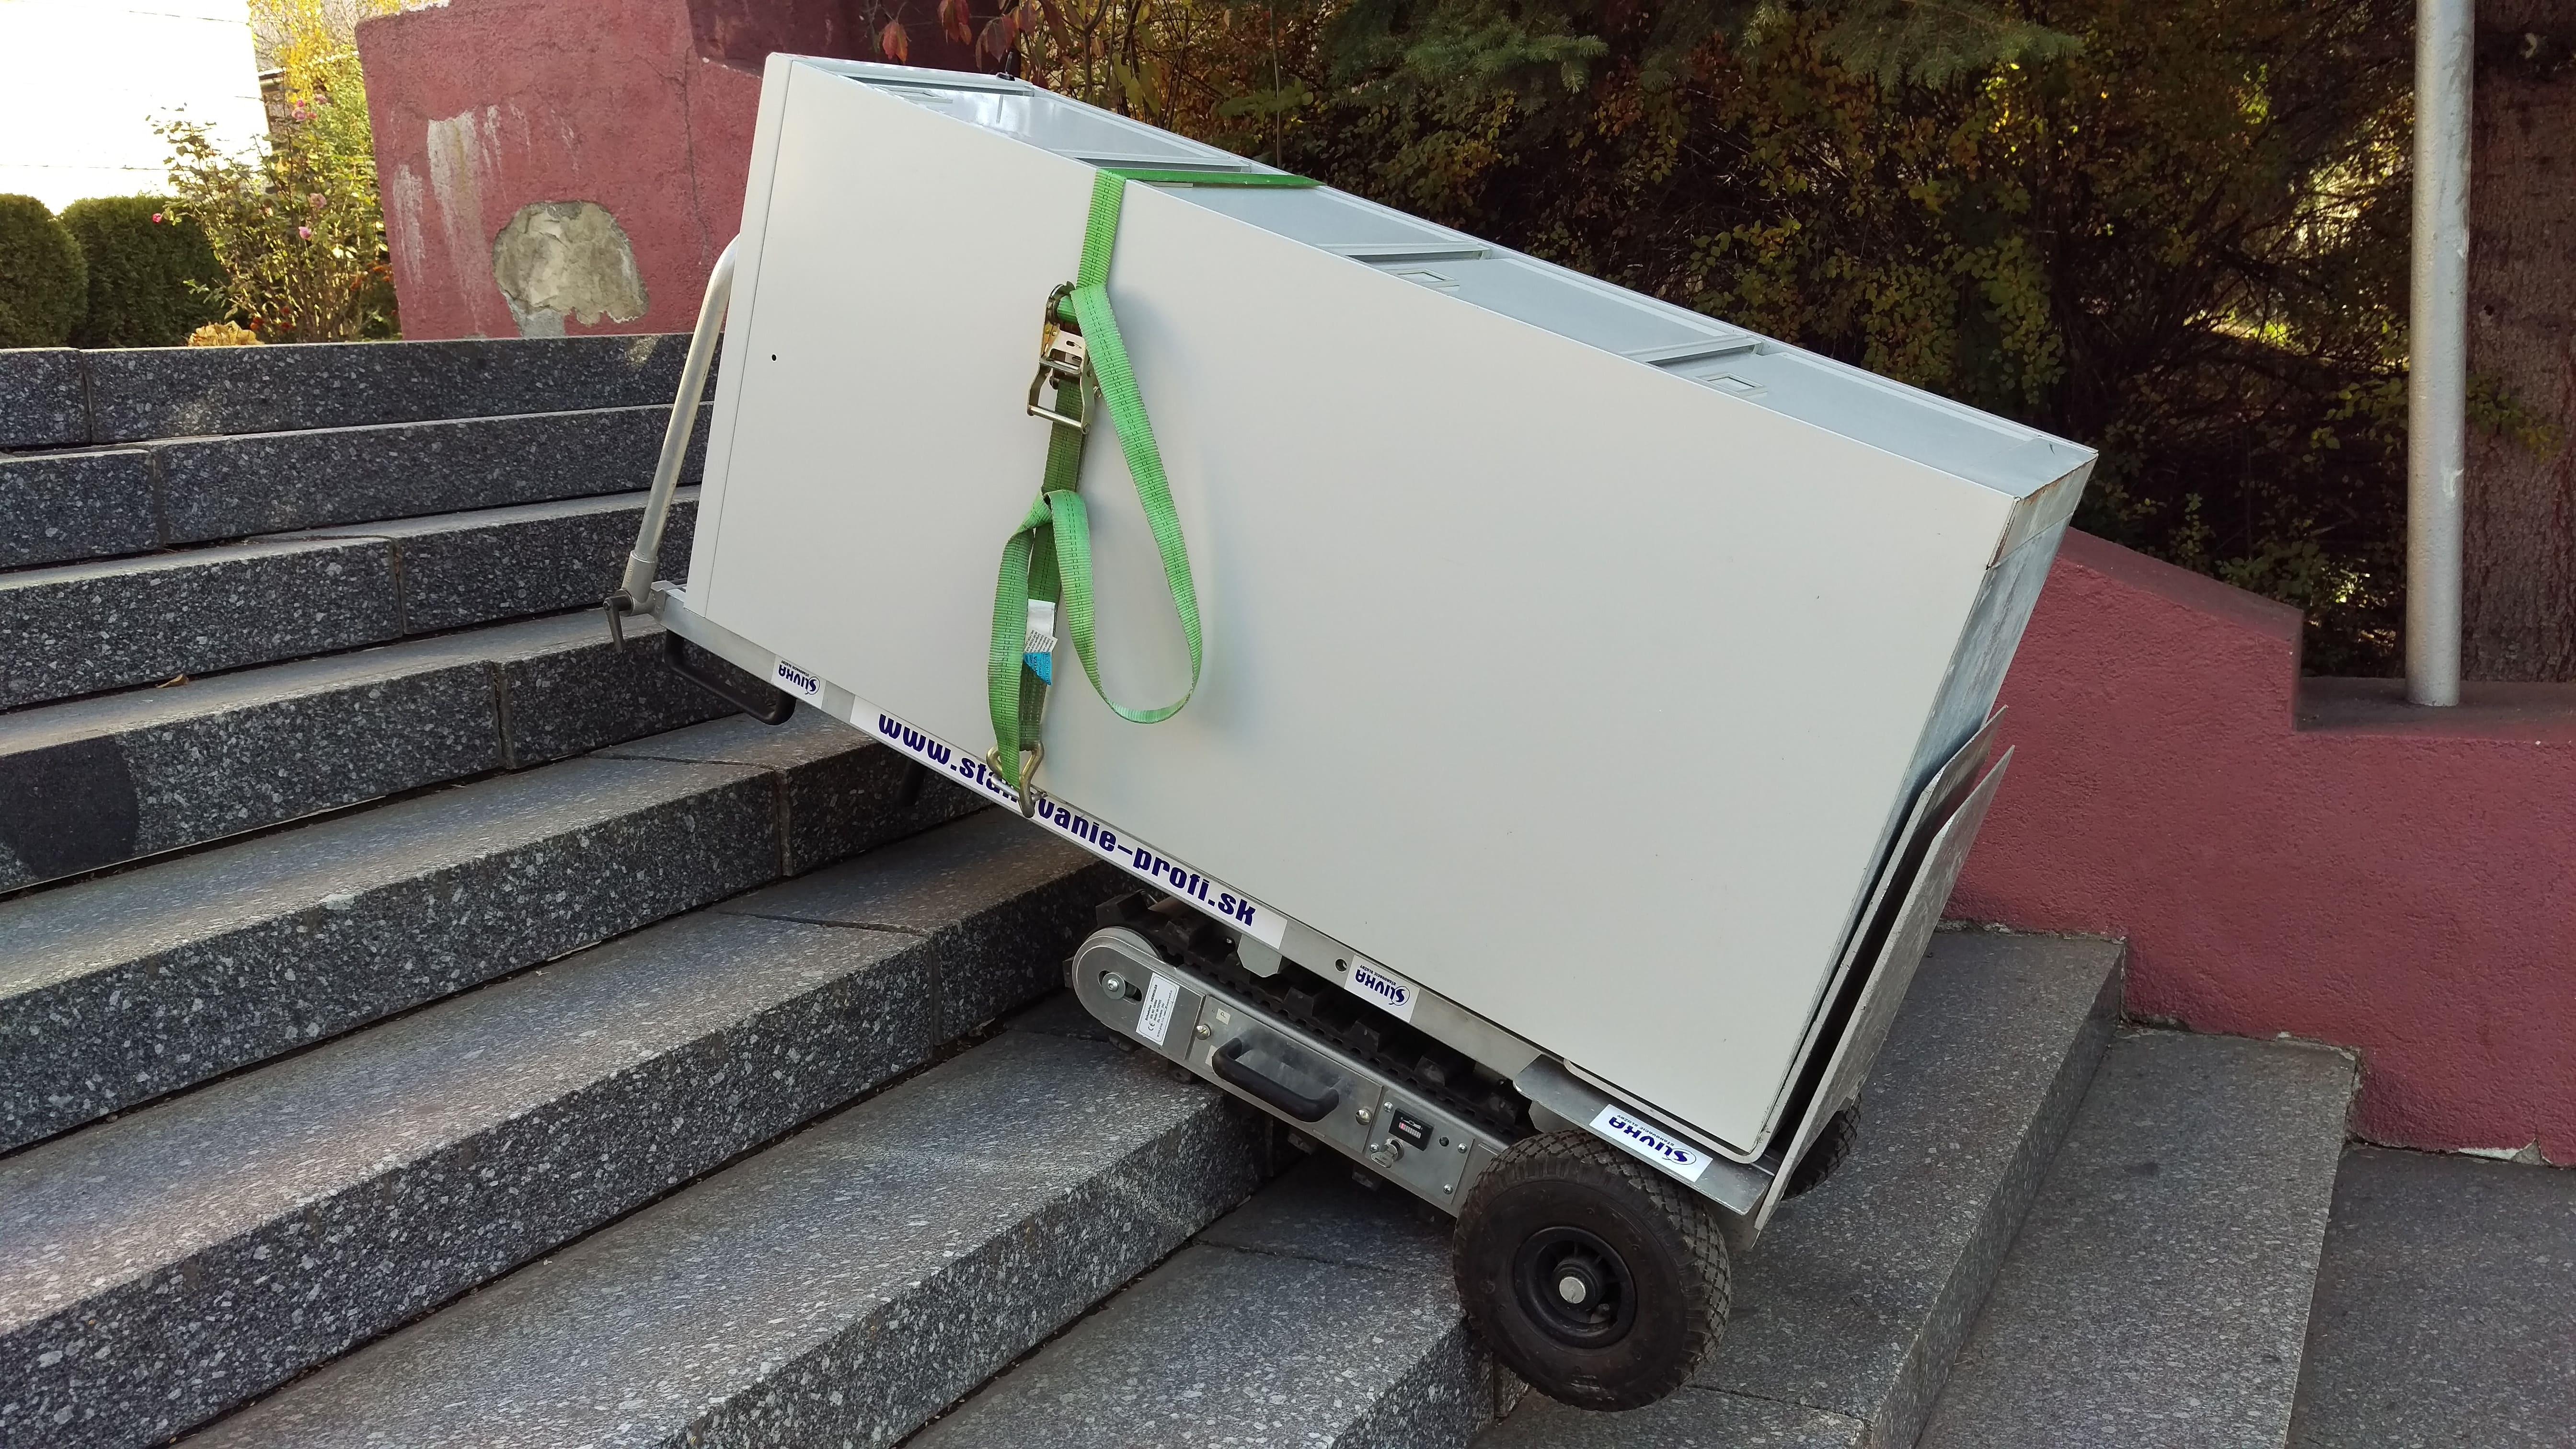 e11623a1c Uvedený schodolez vlastníme ako jediná spoločnosť v SR a tým sa stávame  lídrom v oblasti sťahovania na Slovensku. Naše ďalšie schodolezy, ktoré  používame ...